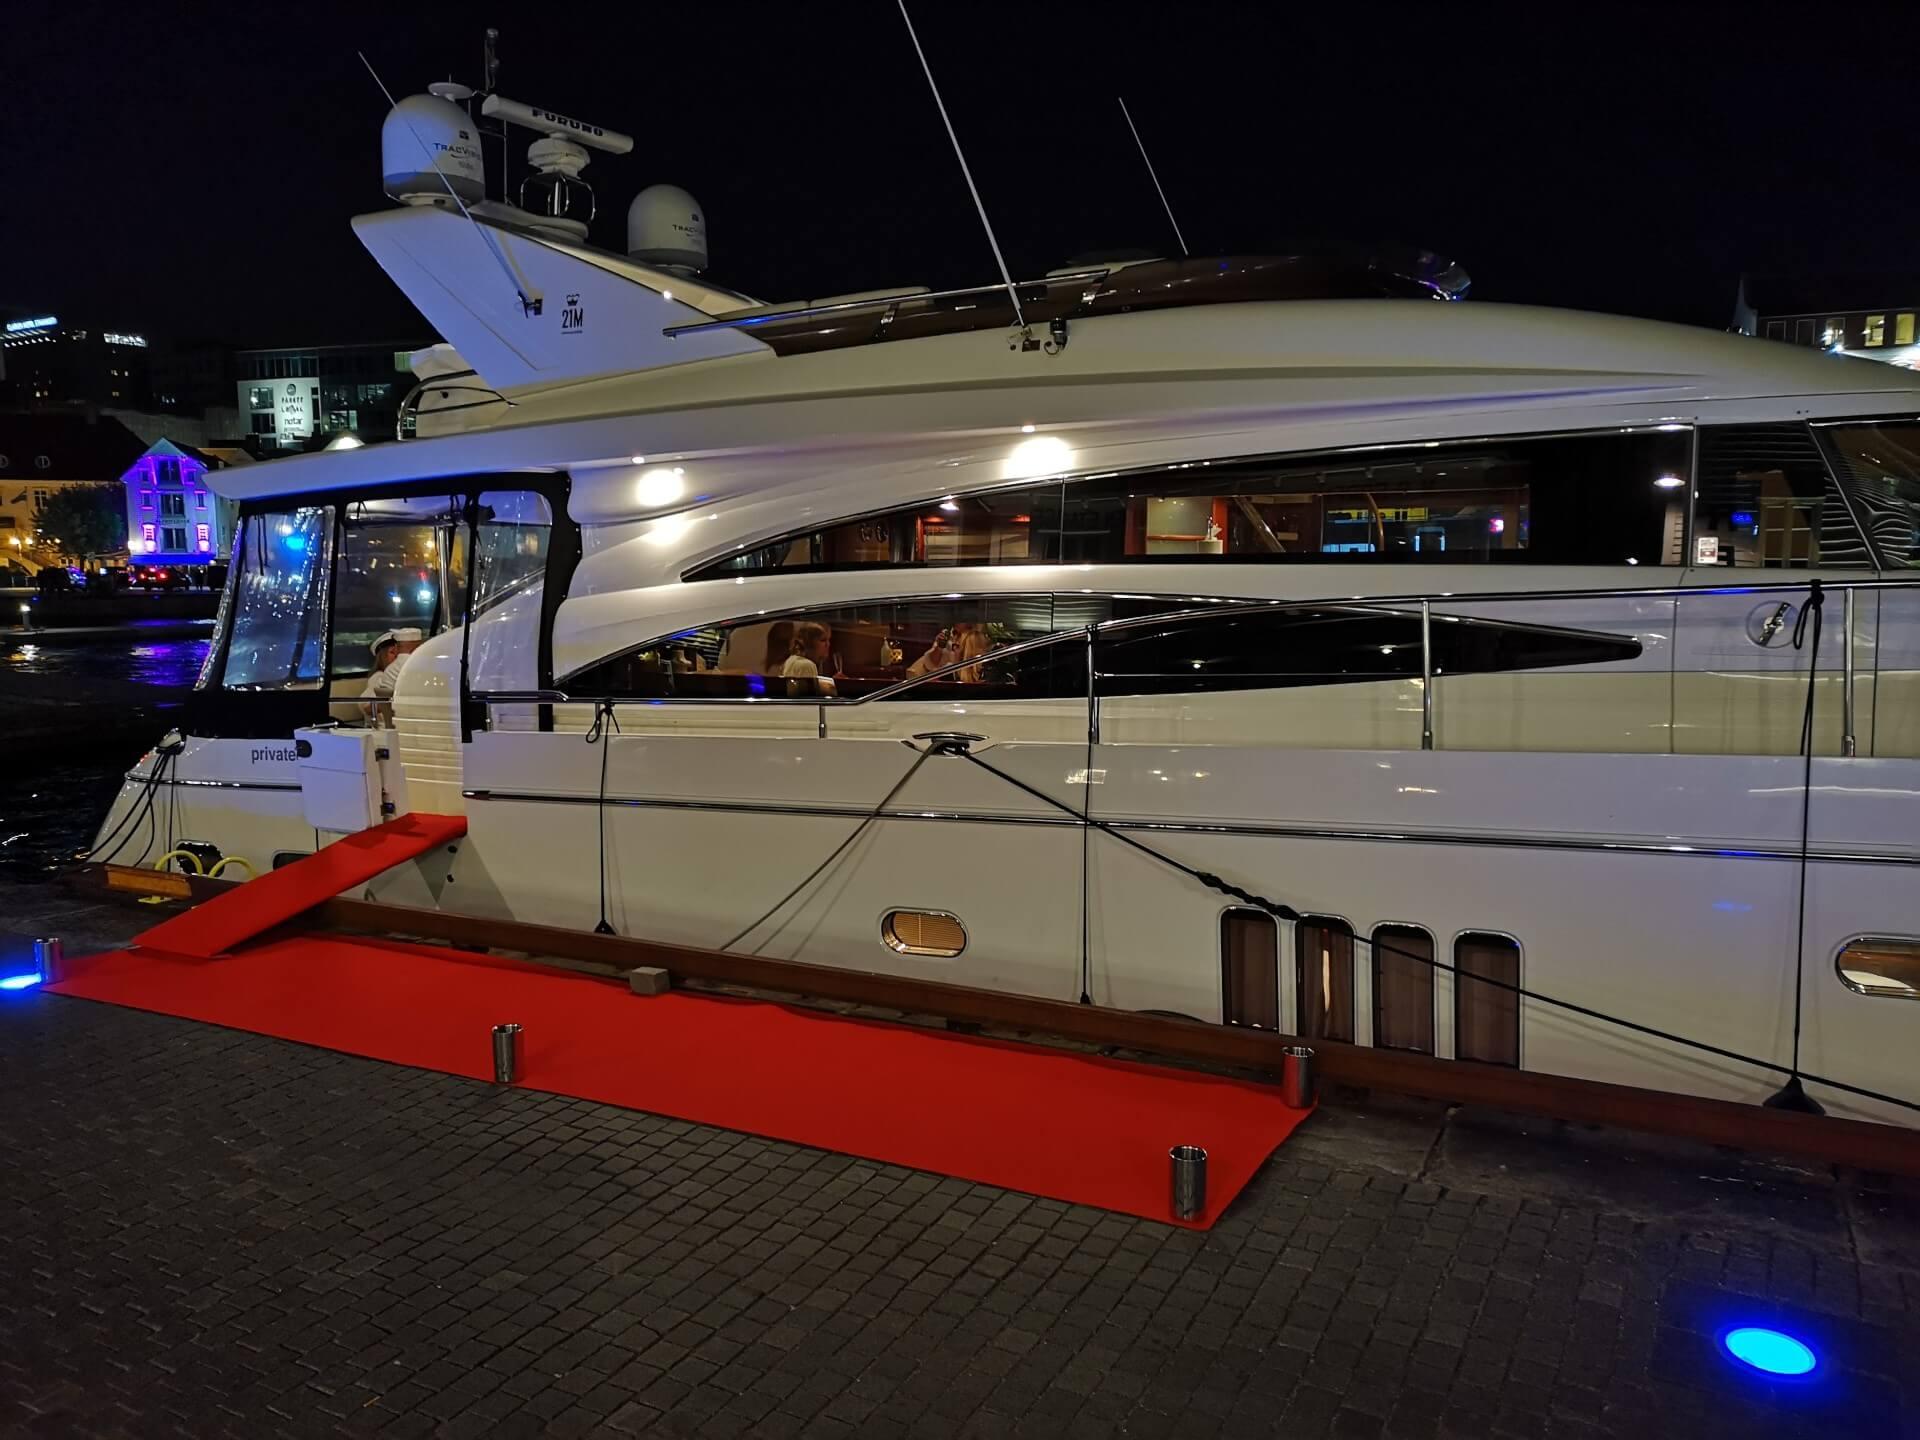 Private Cruise ved kai i Stavanger på kveldstid